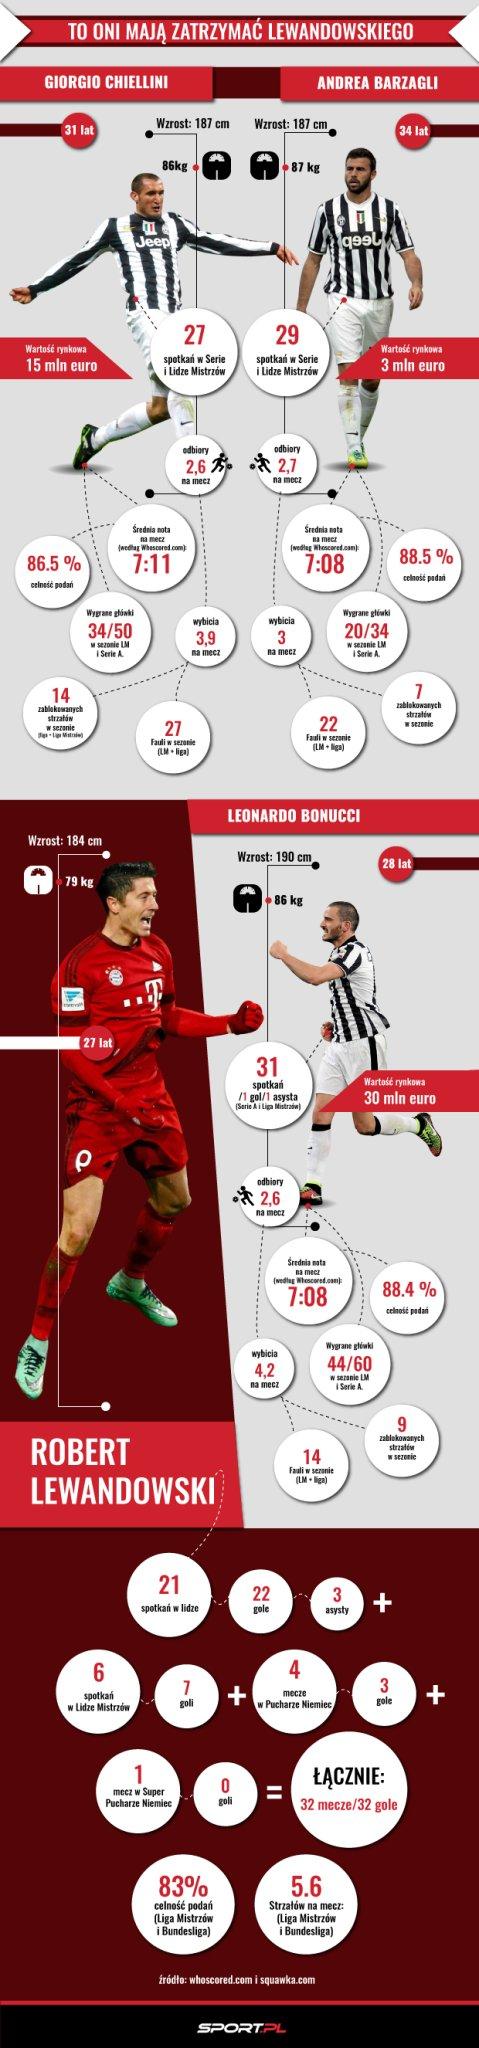 Statystyki obro�c�w Juventusu i Lewandowskiego